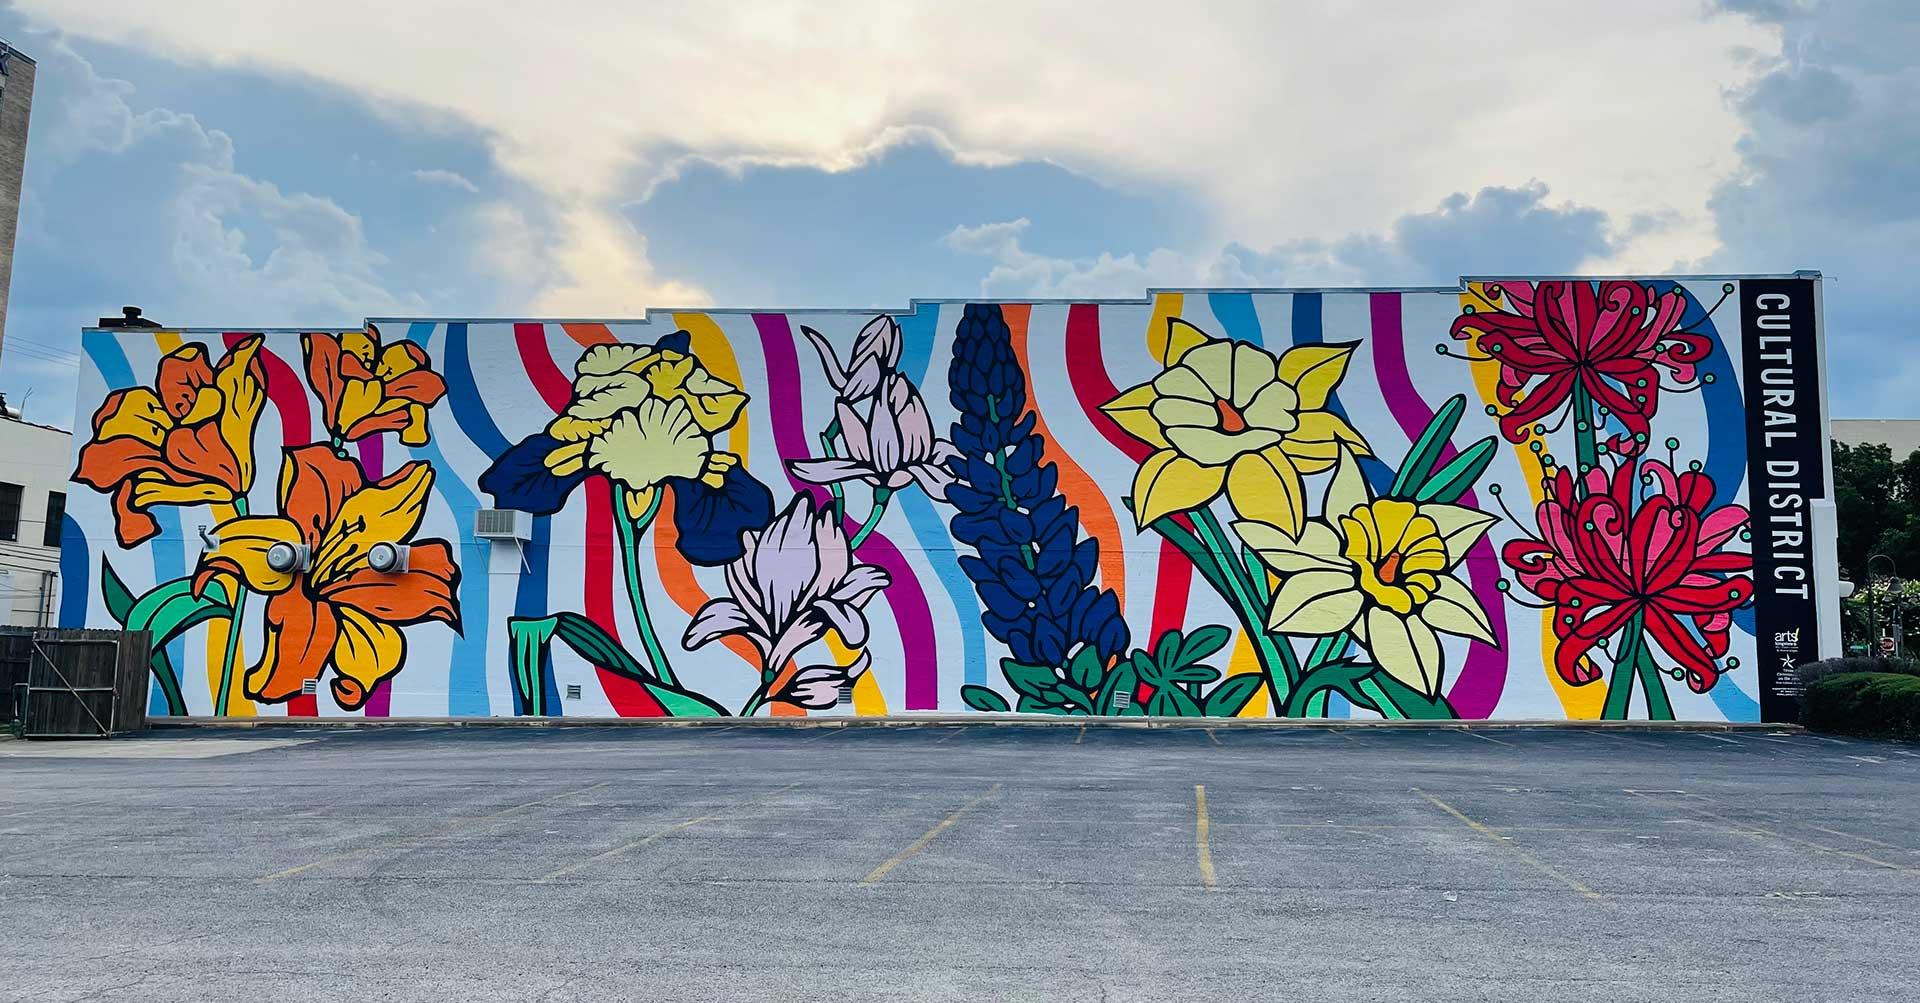 Mural-Artist-Texas-Dace-Kidd-Flower-Power